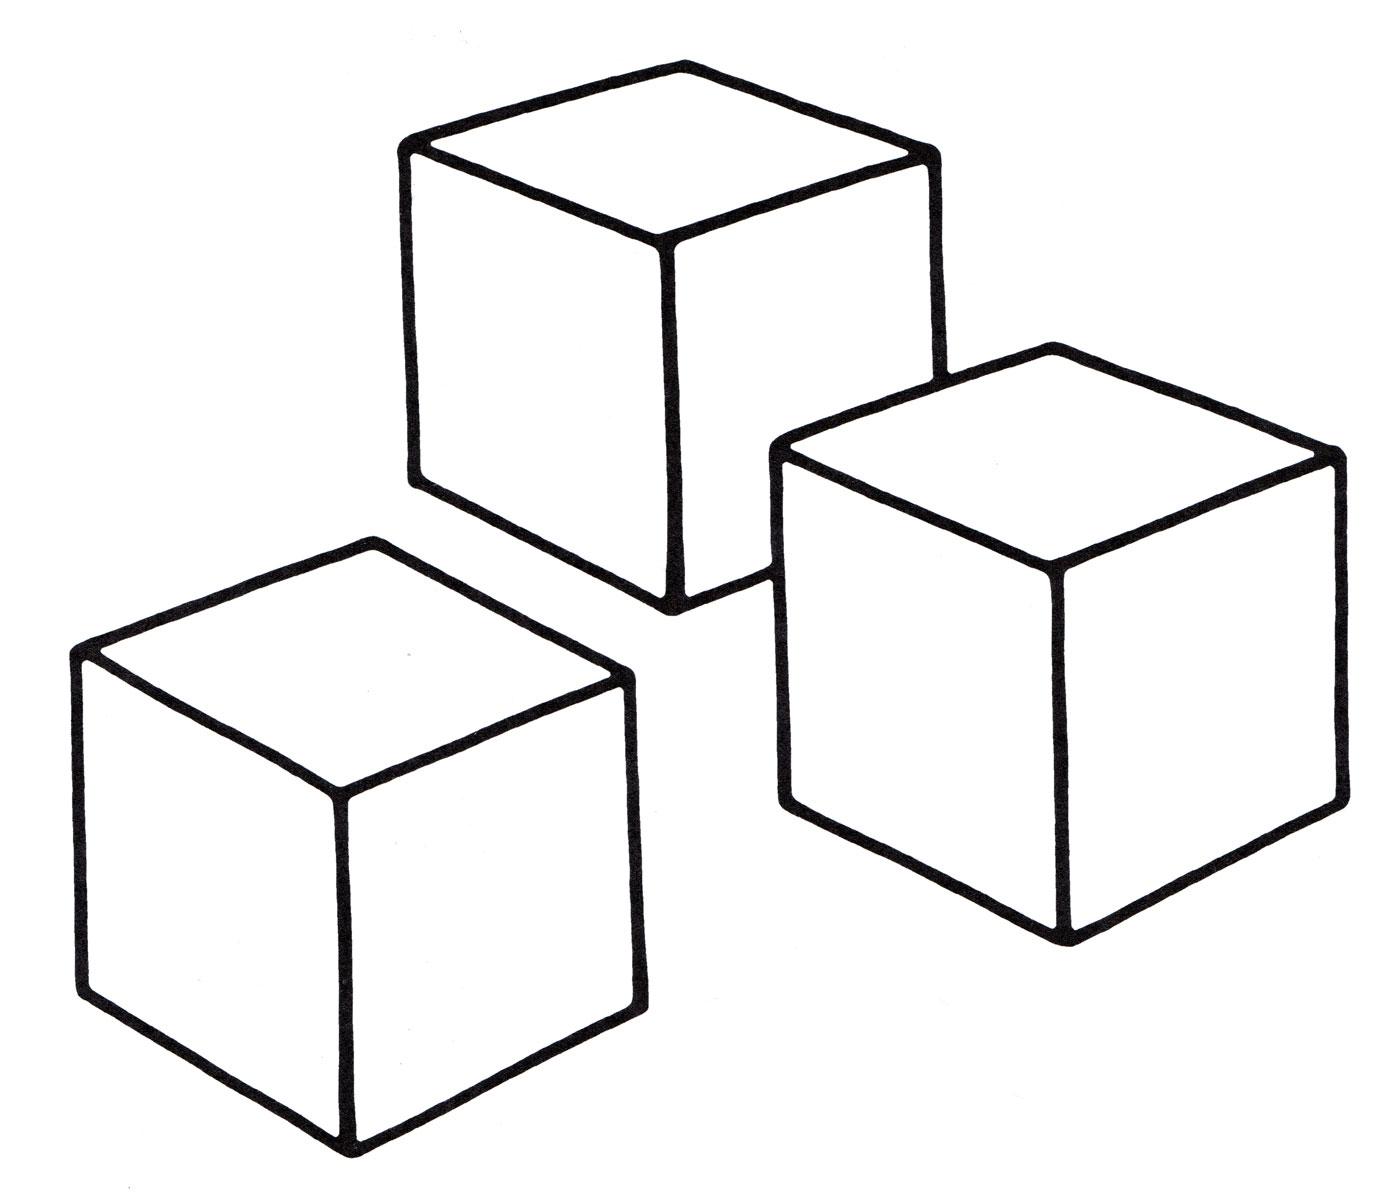 раскраска кубики распечатать бесплатно